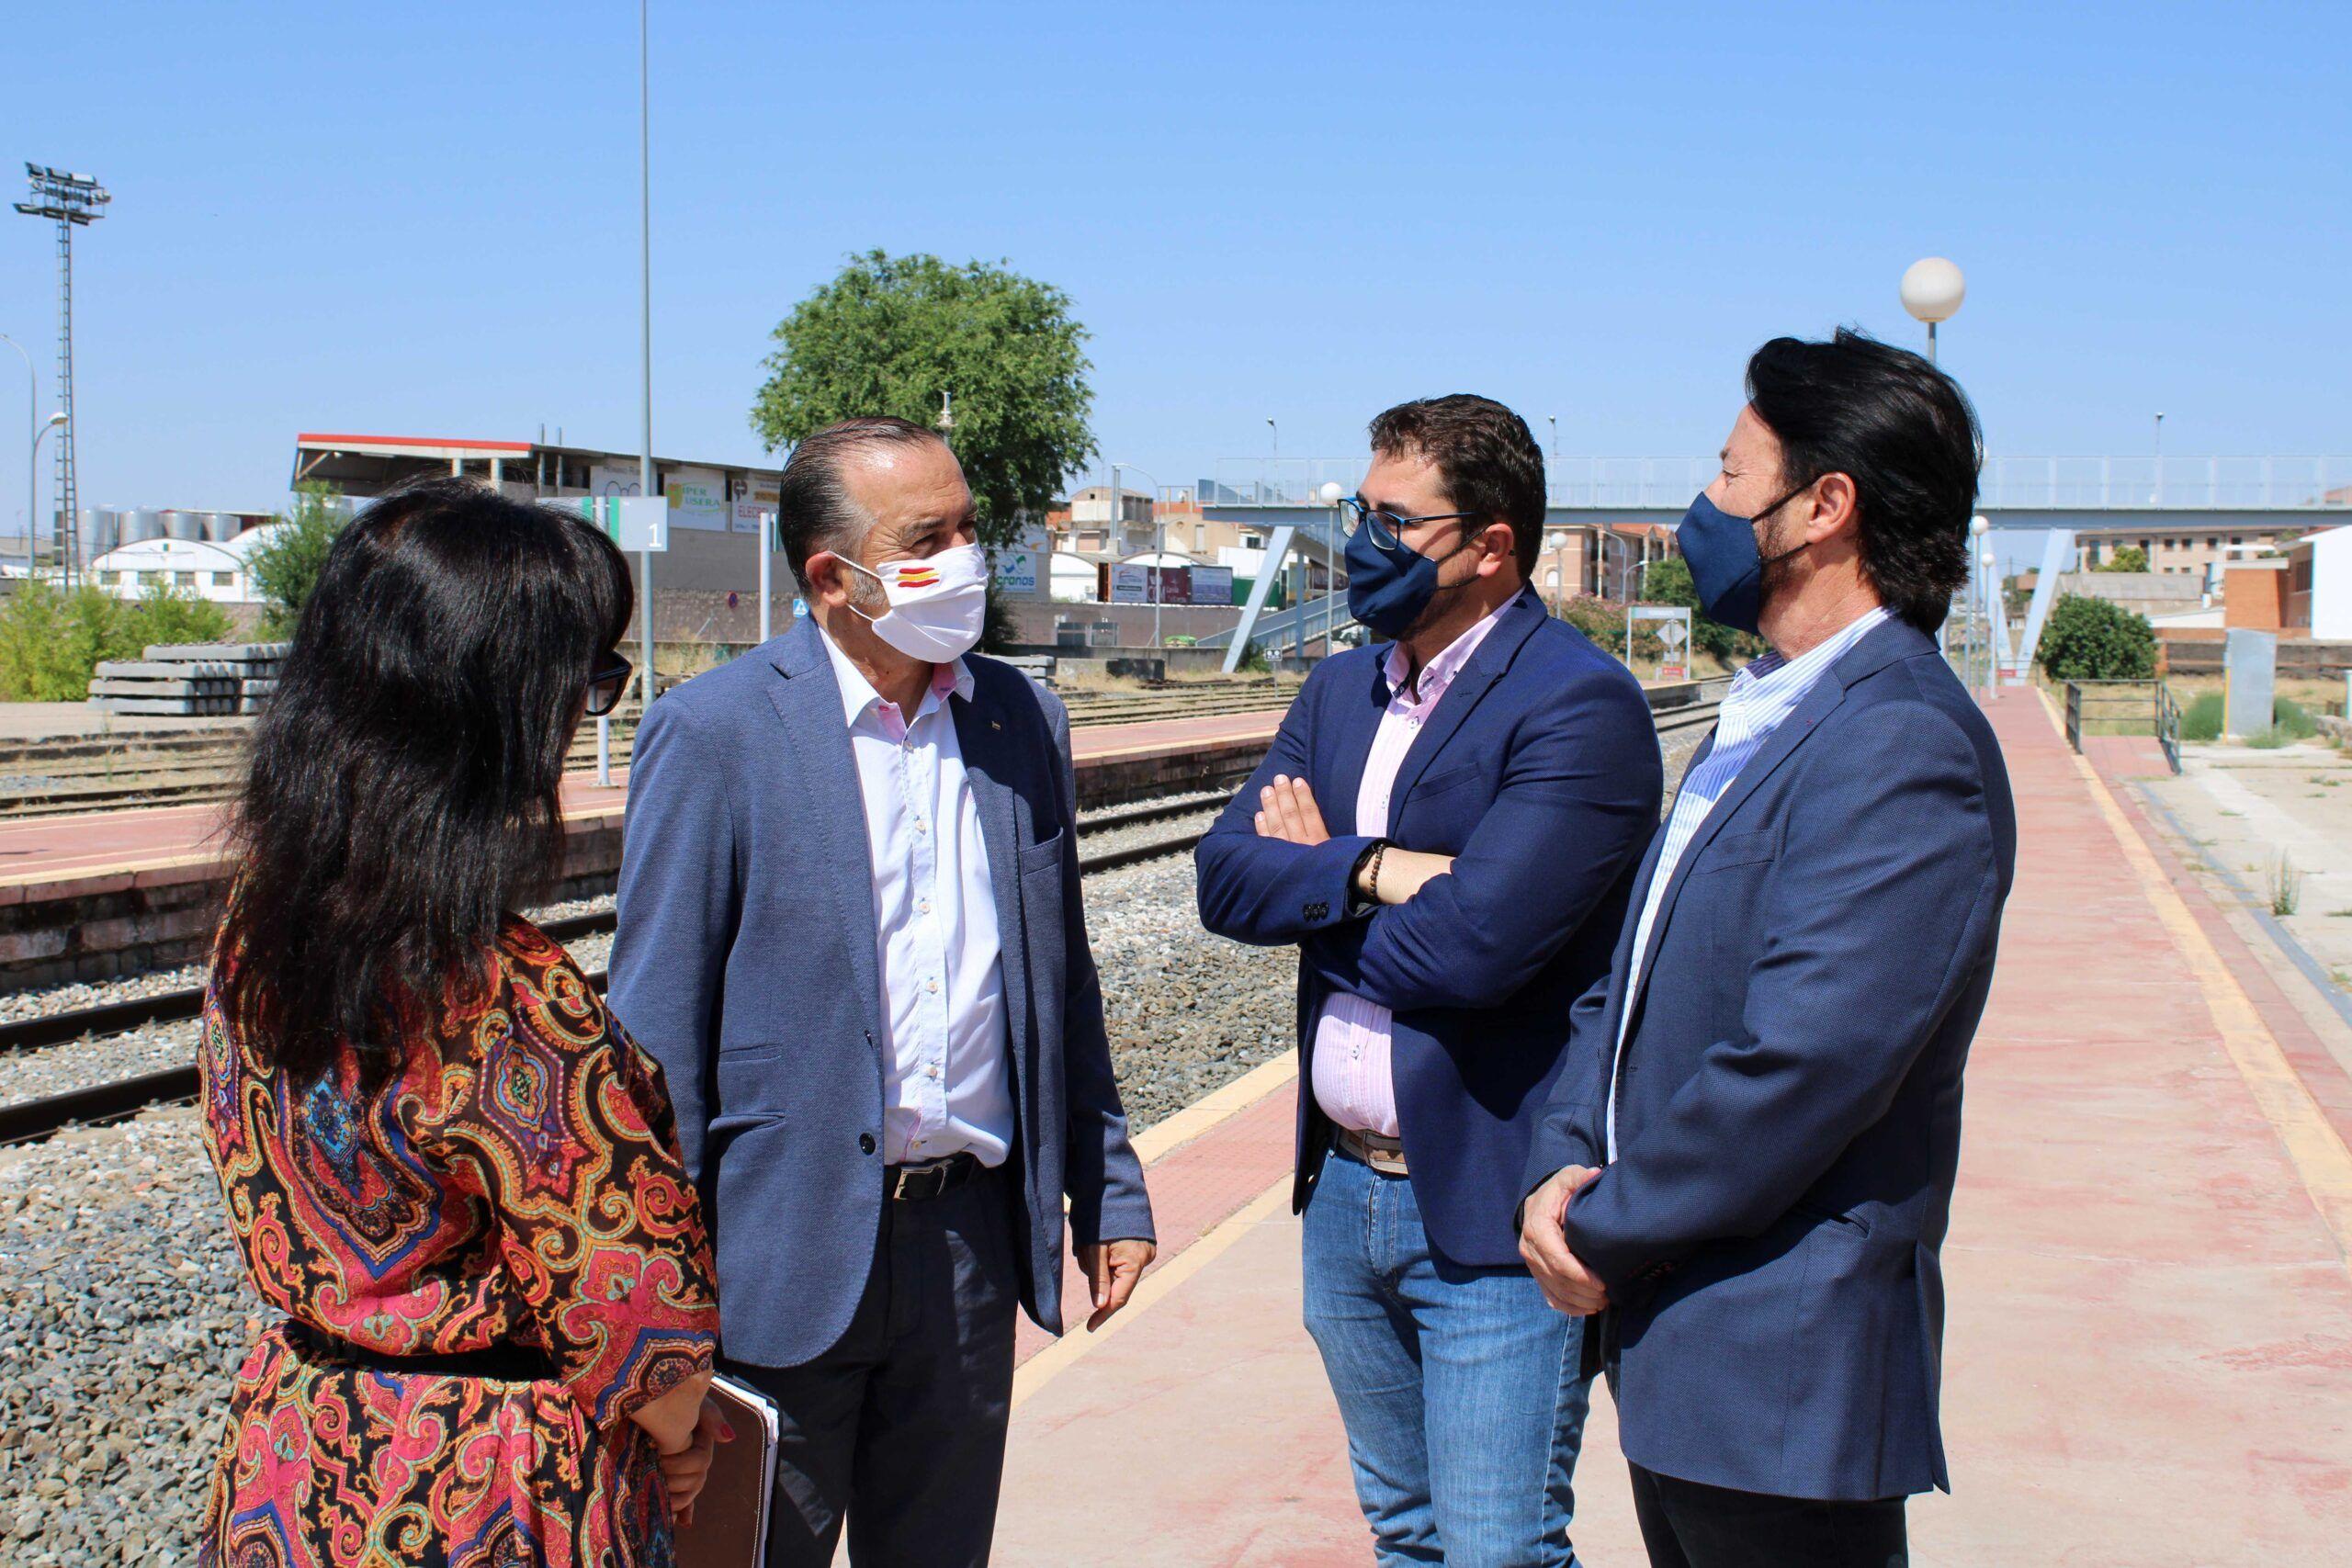 El PP reclama a la nueva ministra de Transportes que aclare el futuro del tren de Torrijos, tras comprobar que se ha desmantelado una vía